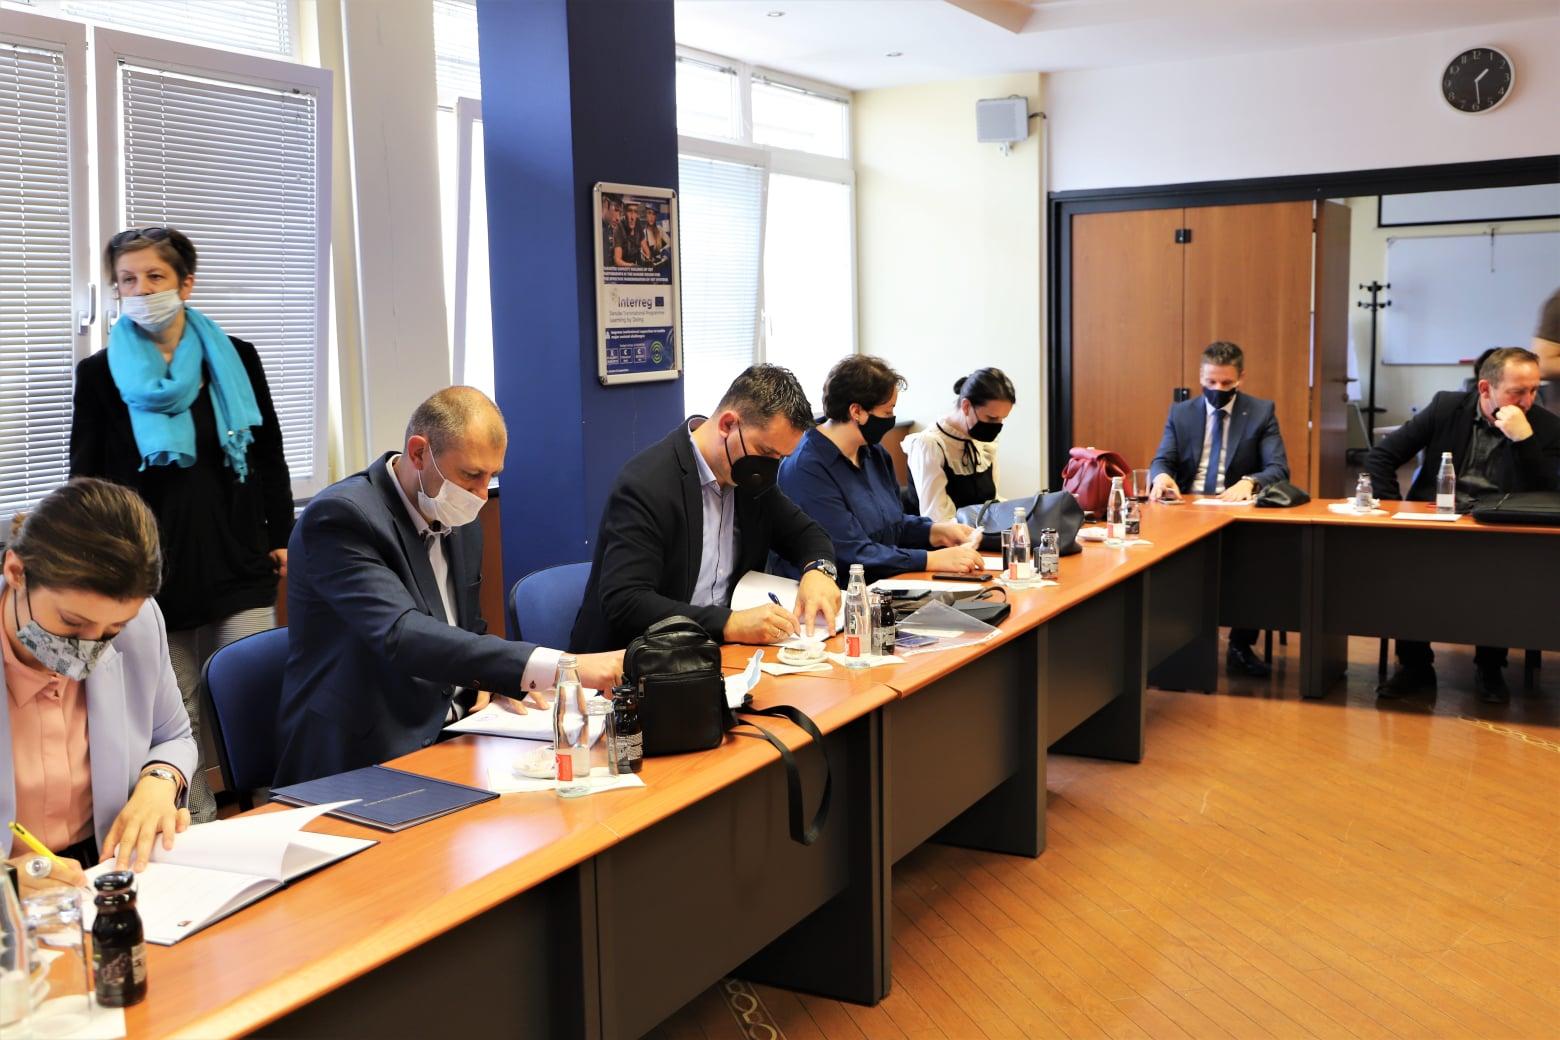 """Potpisan memorandum o saradnji u okviru projekta """"Uspostavljanje mreže vladinih i nevladinih aktera u oblasti obrazovanja odraslih u Kantonu Sarajevo"""""""